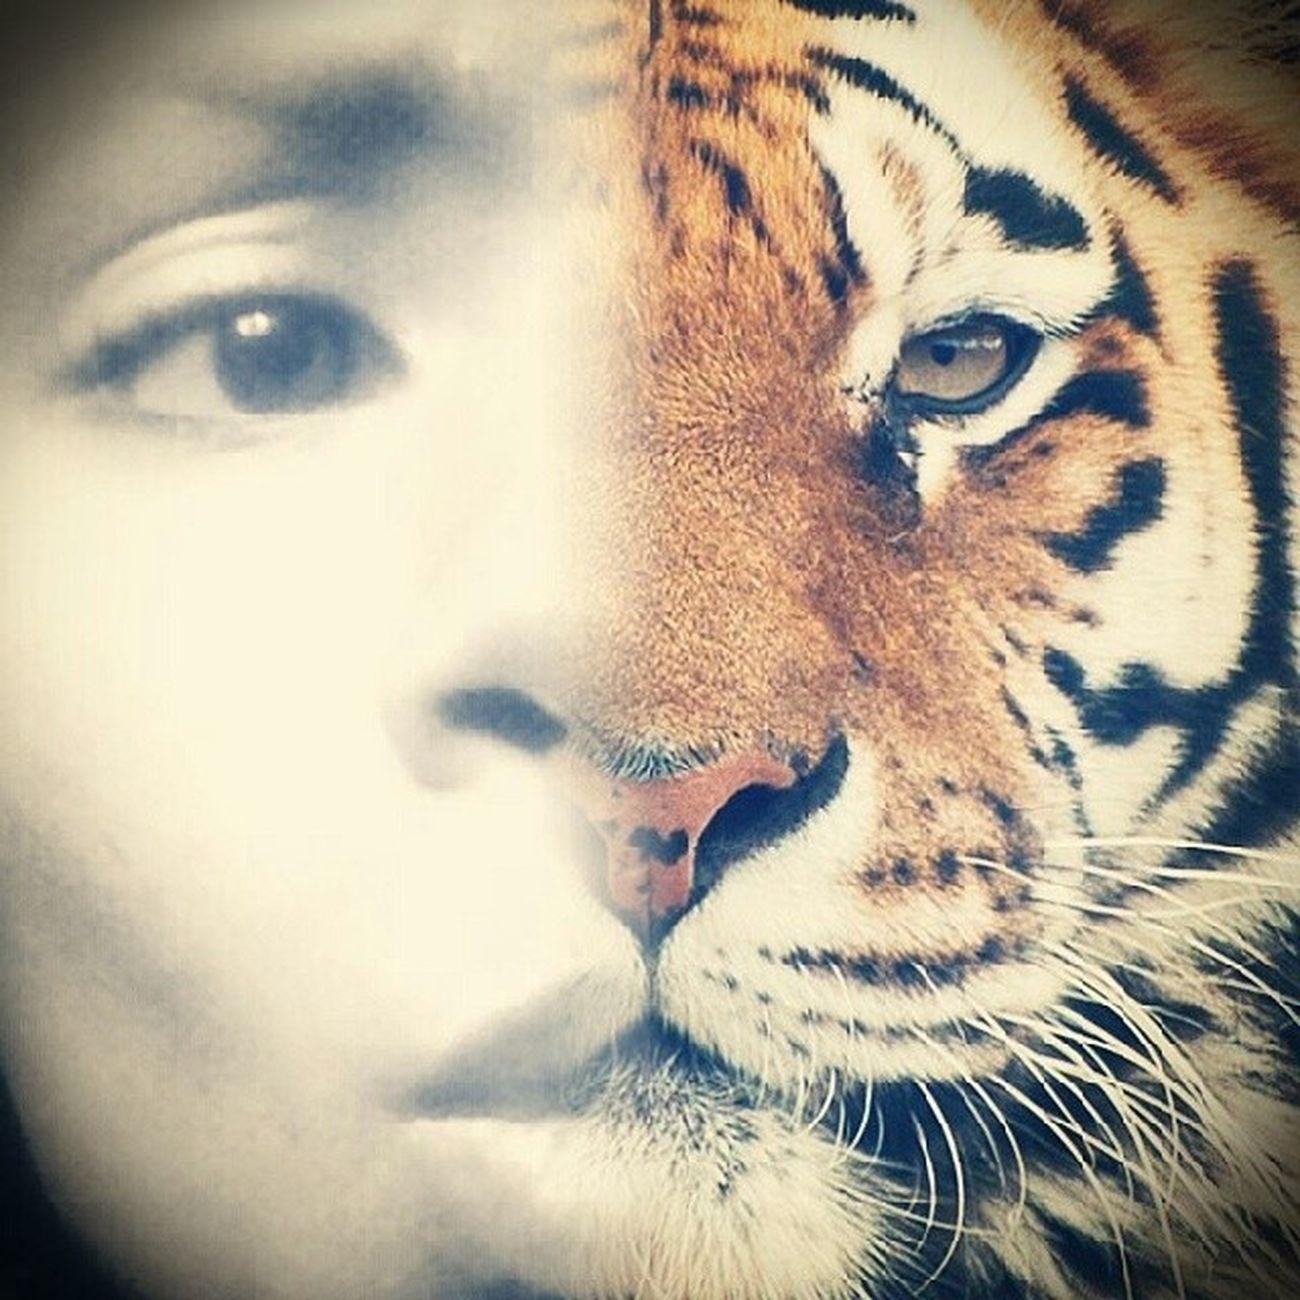 Hoje eu estou um pouco selvagem rs Meu lado Felino se revelando Face Tiger Grr Mesentindoferoz app encaixoudireitinho libereseusinstintos